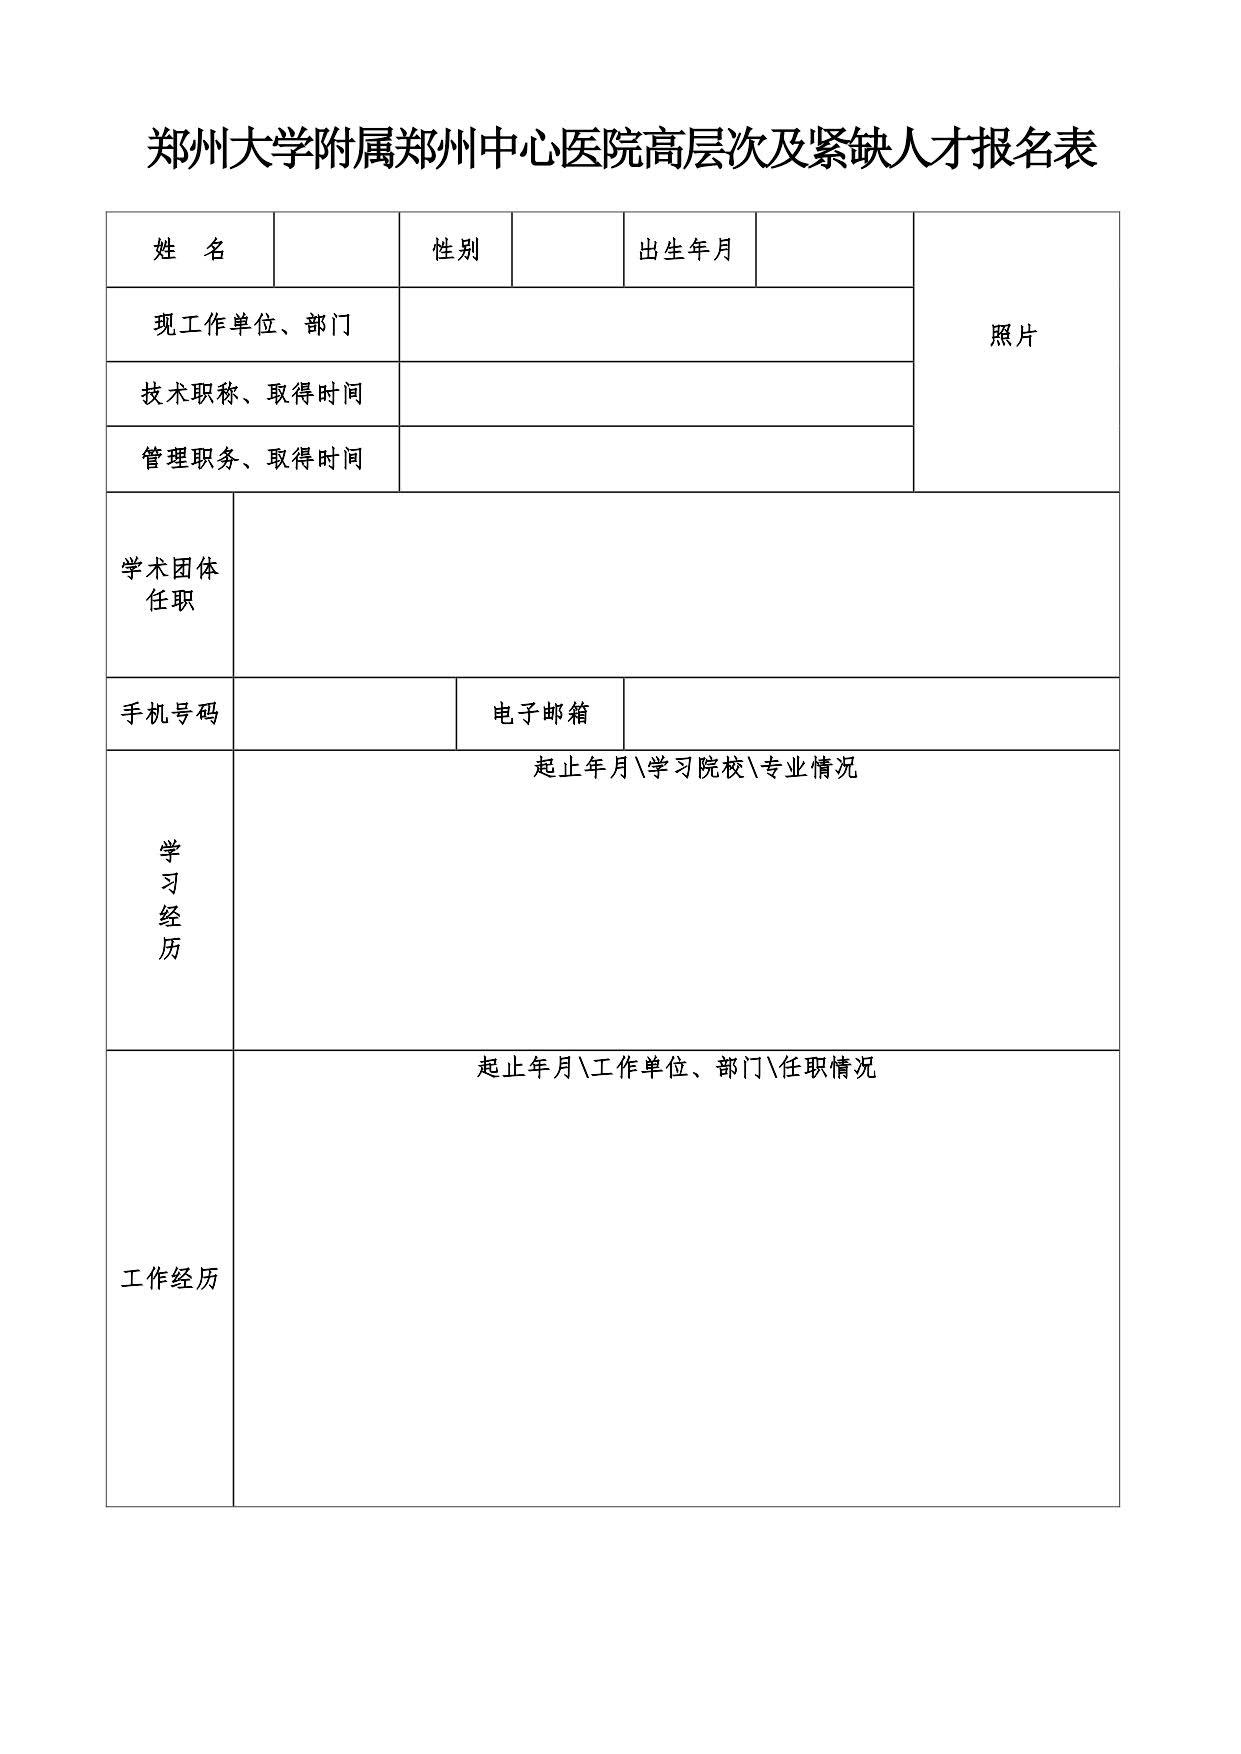 广州中医药大学第一附属医院高层次人才自荐申请表.jpg